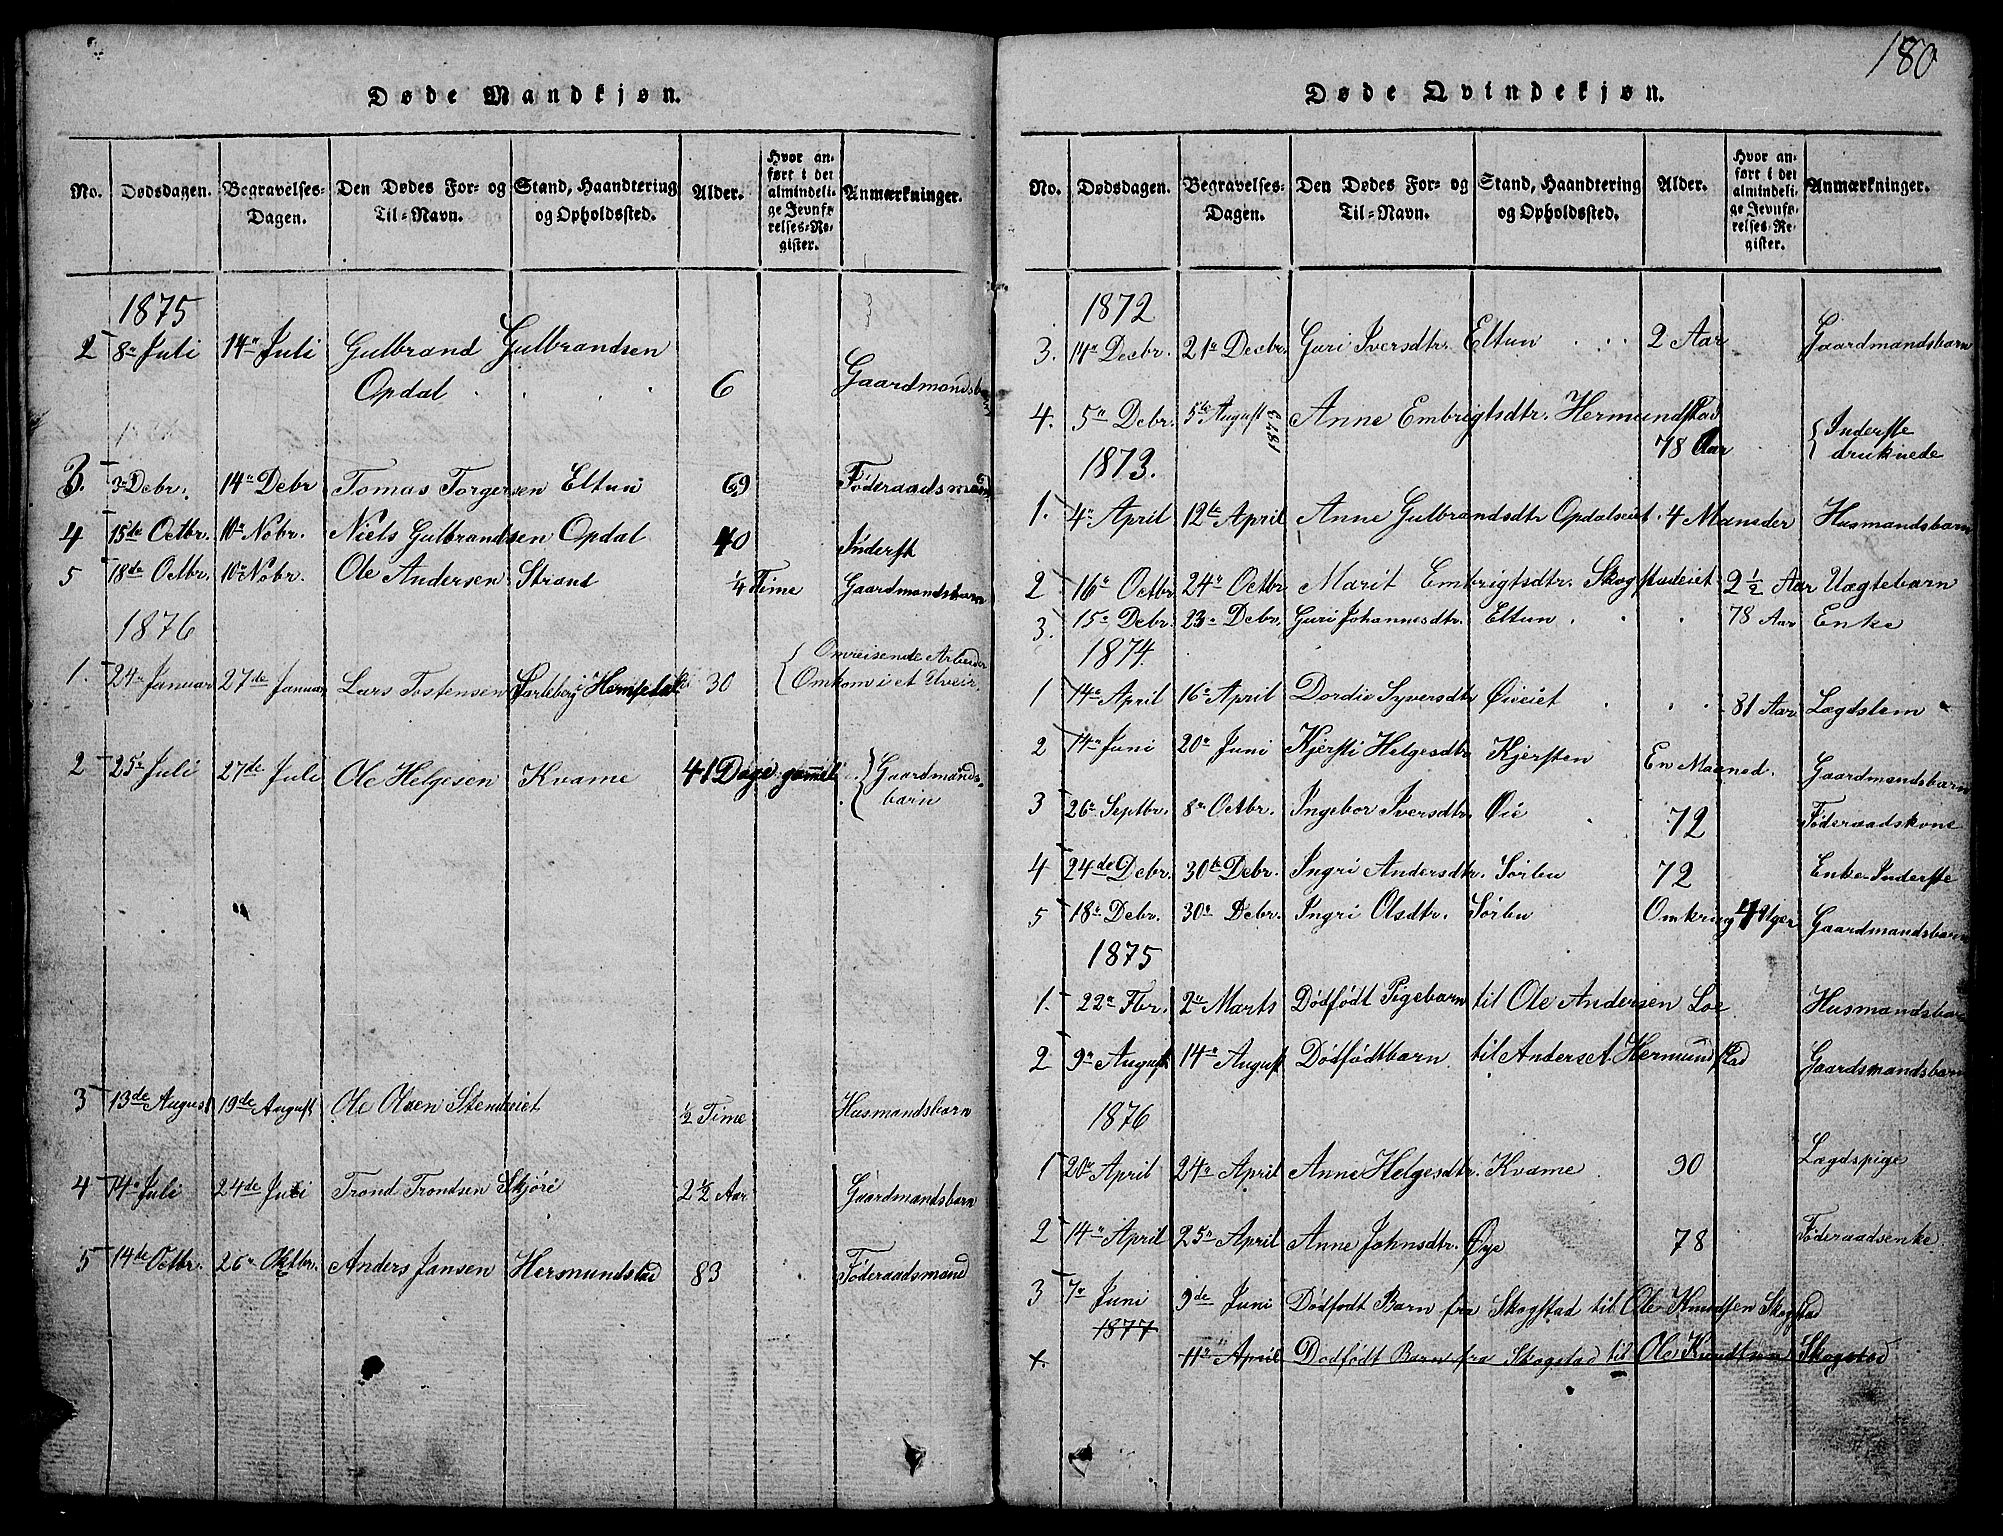 SAH, Vang prestekontor, Valdres, Klokkerbok nr. 2, 1814-1889, s. 180